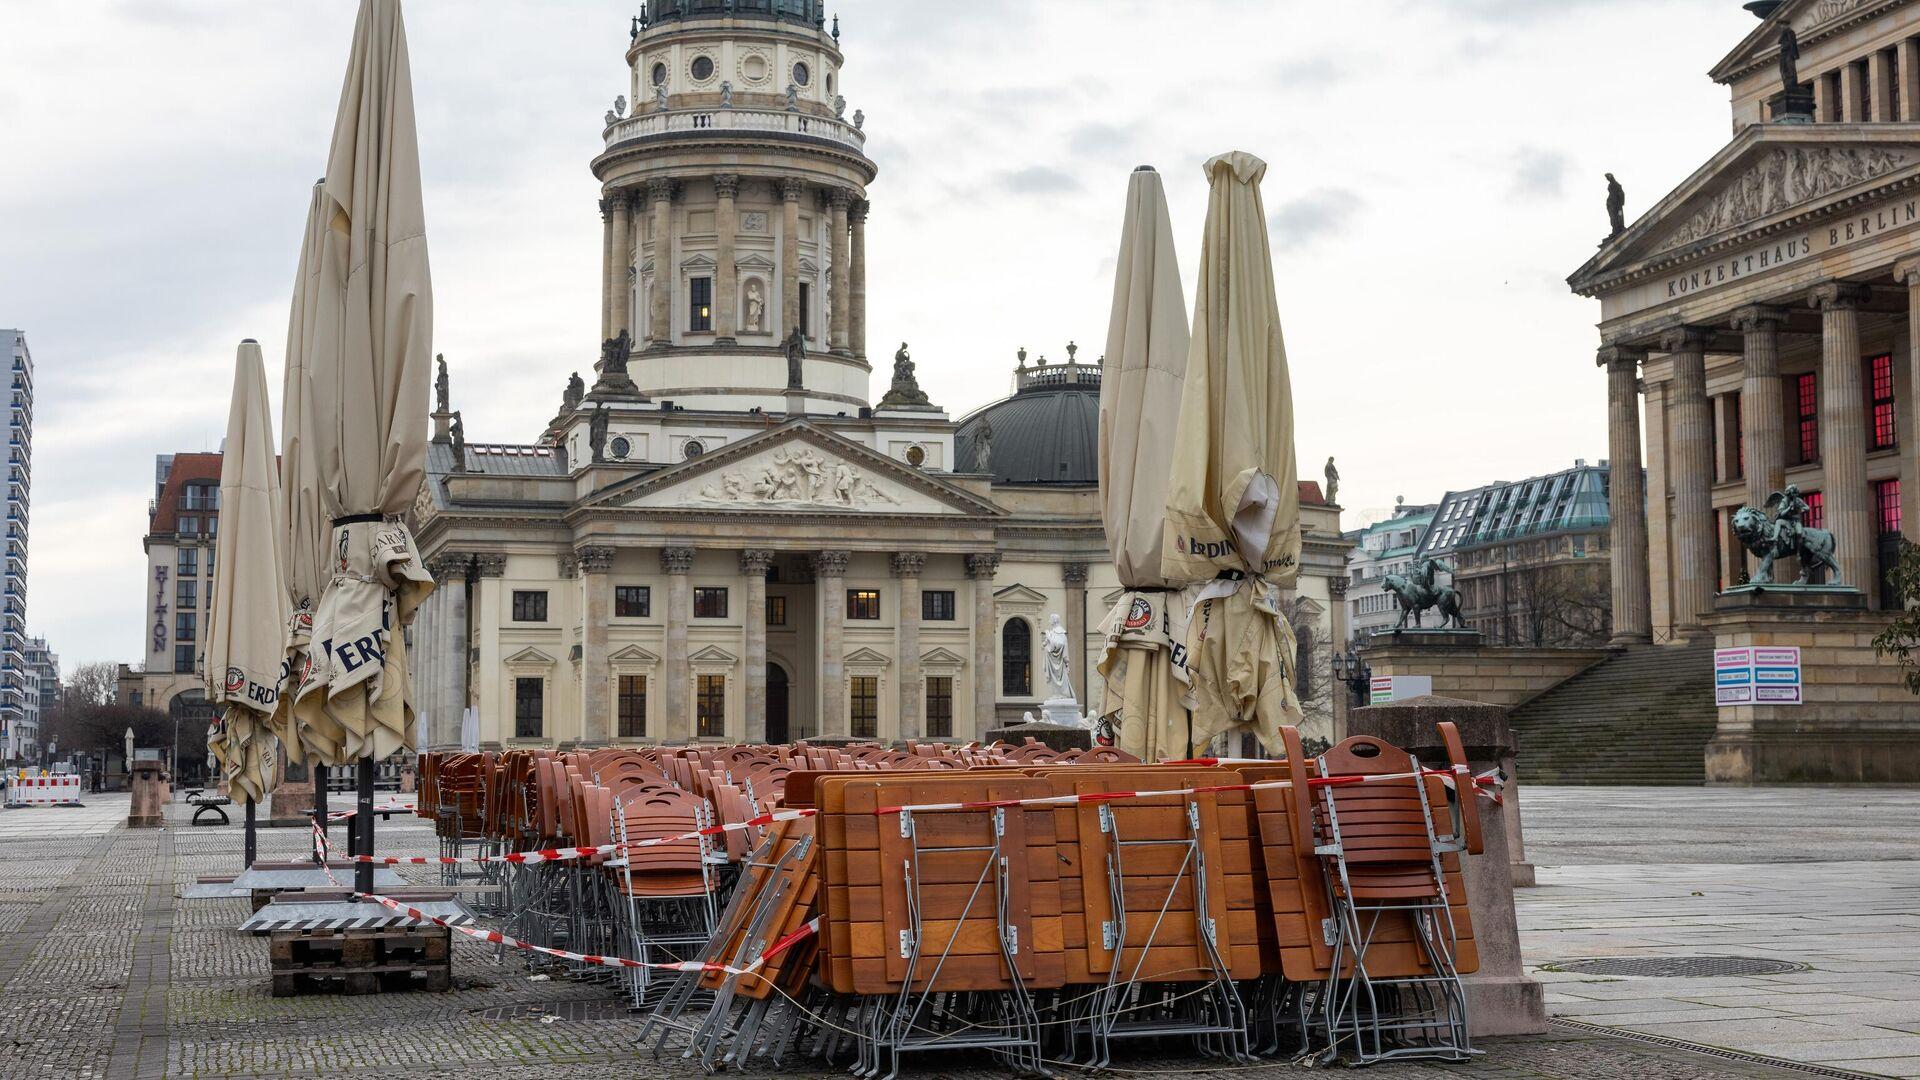 Столы и стулья возле кафе на площади Жандарменмаркт в Берлине - РИА Новости, 1920, 31.12.2020